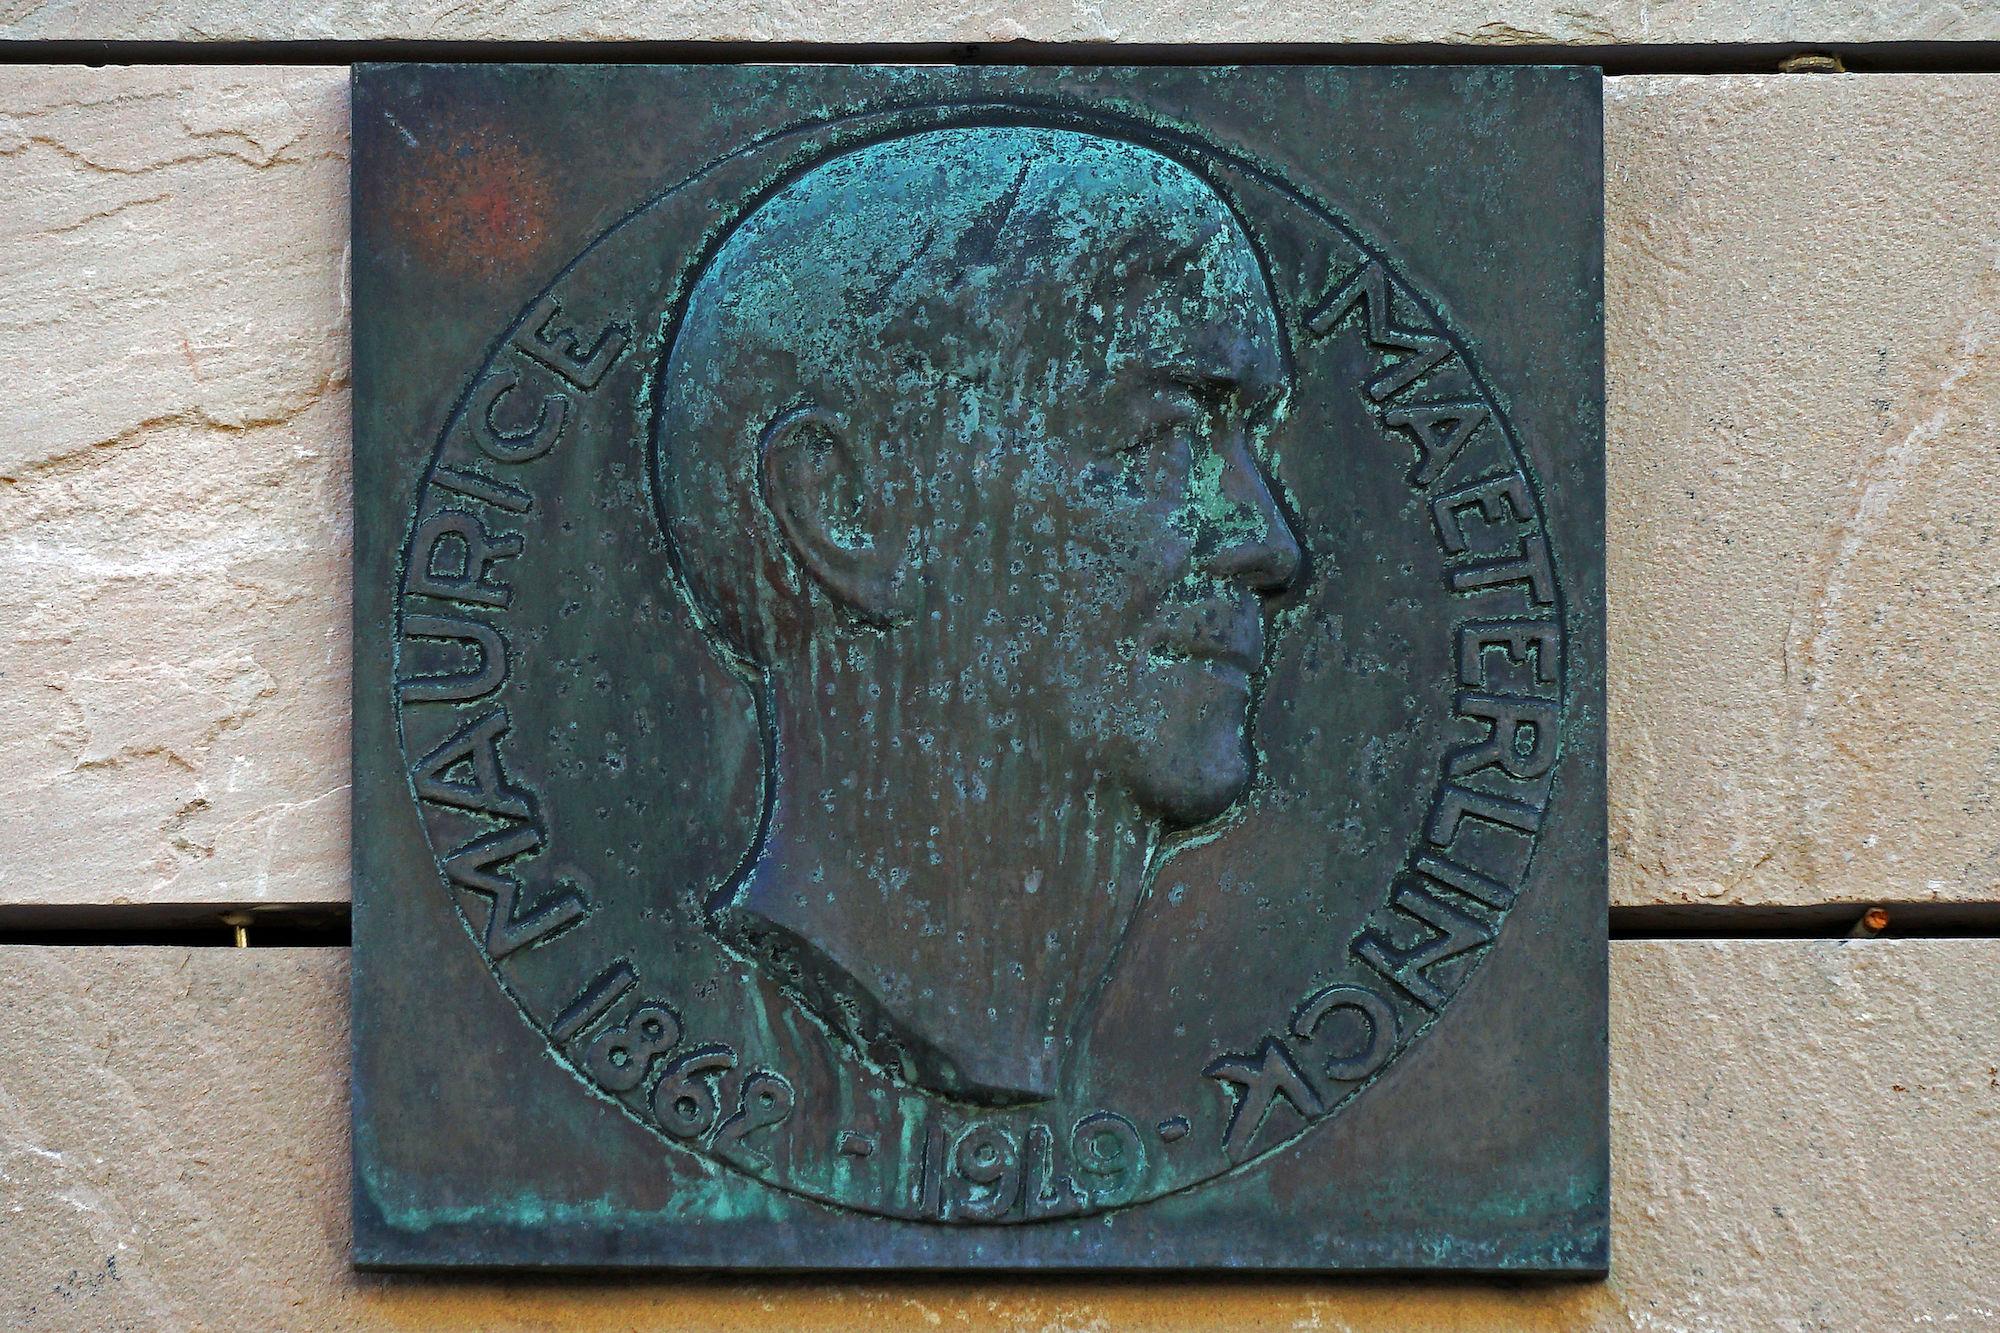 Gedenkplaat - Maurice Maeterlinck